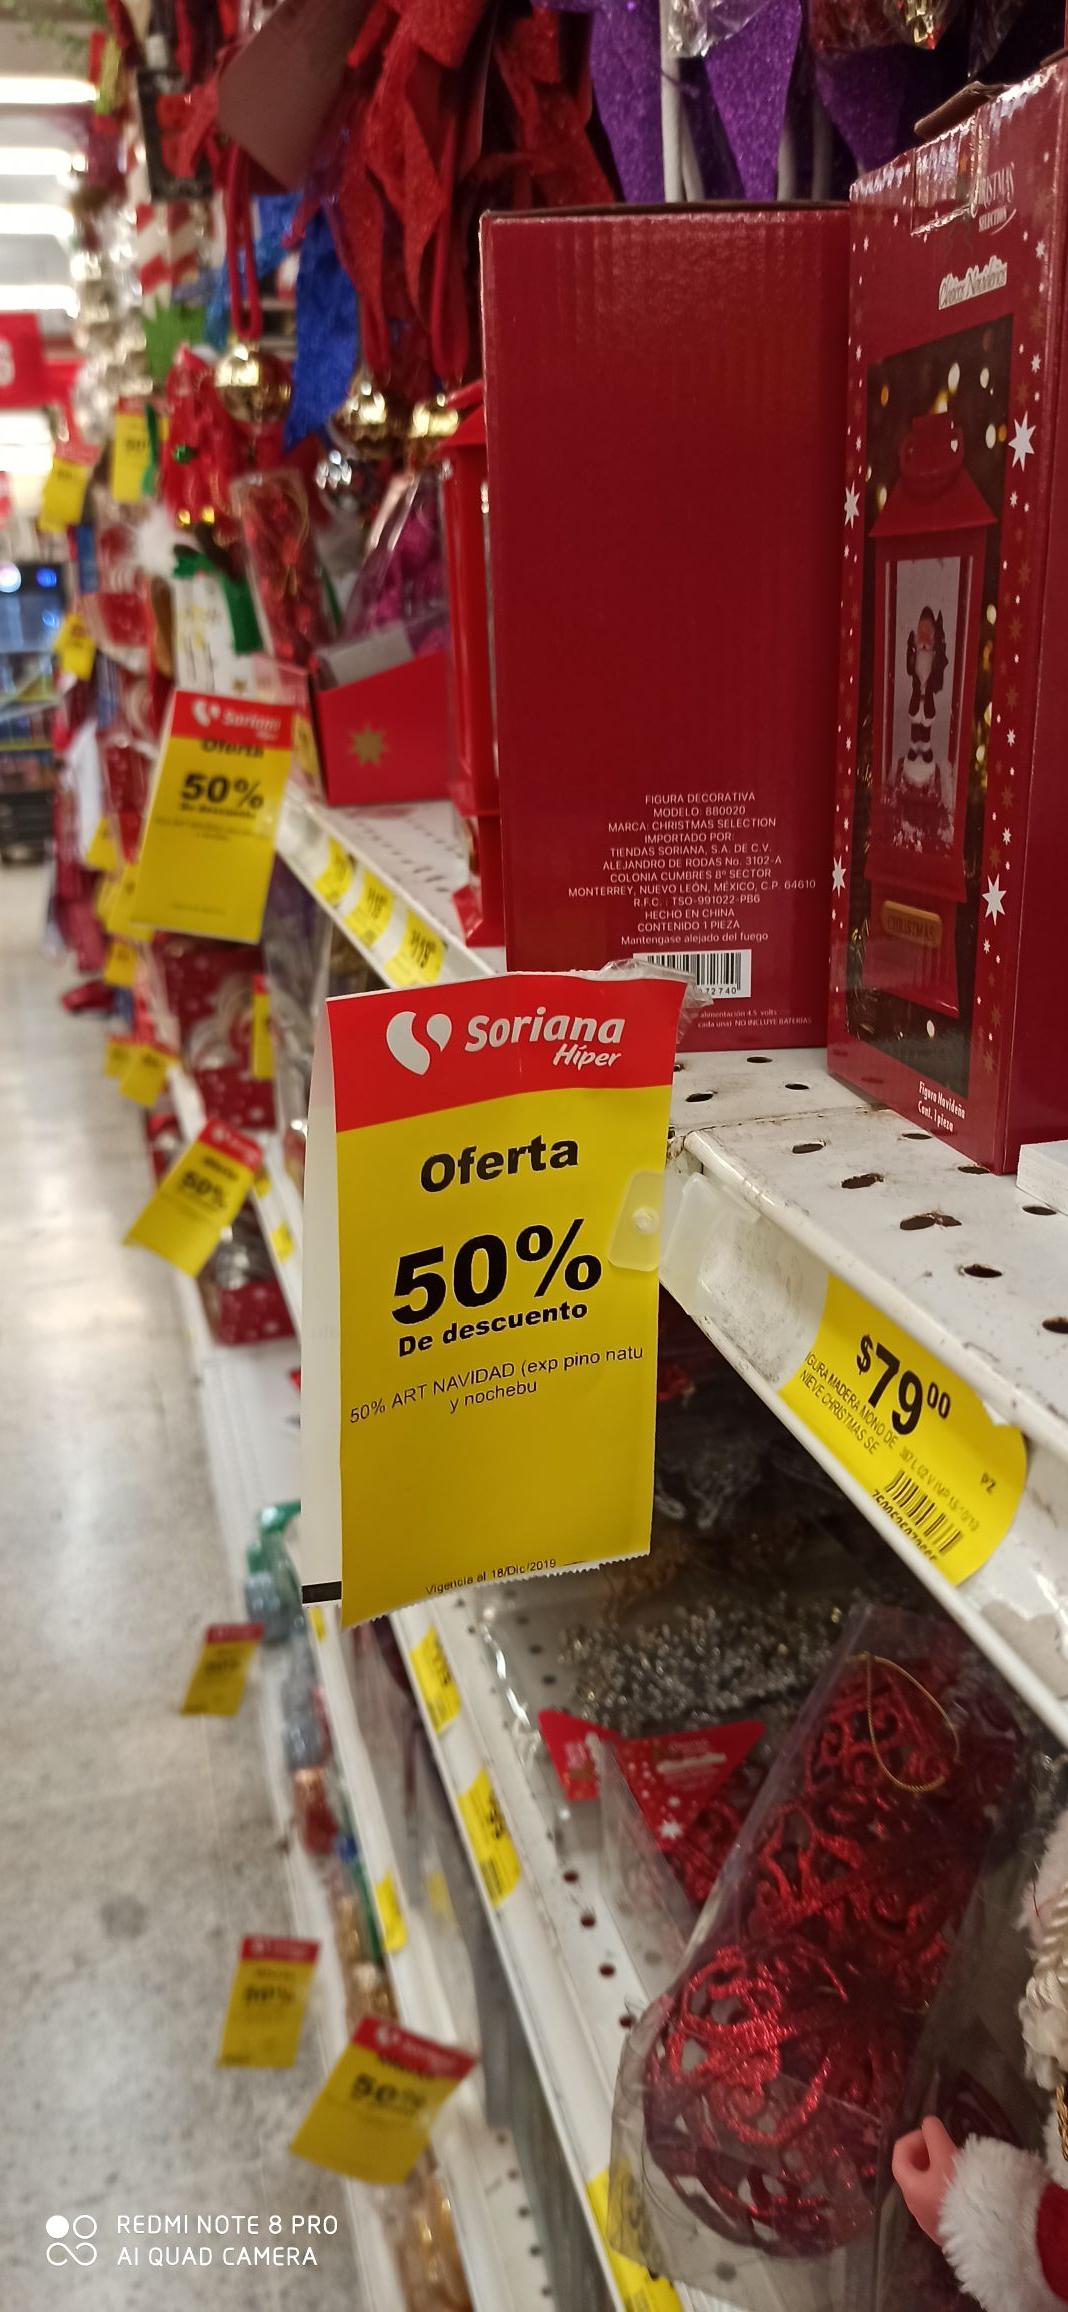 Soriana: 50% de descuento en Artículos de Navidad